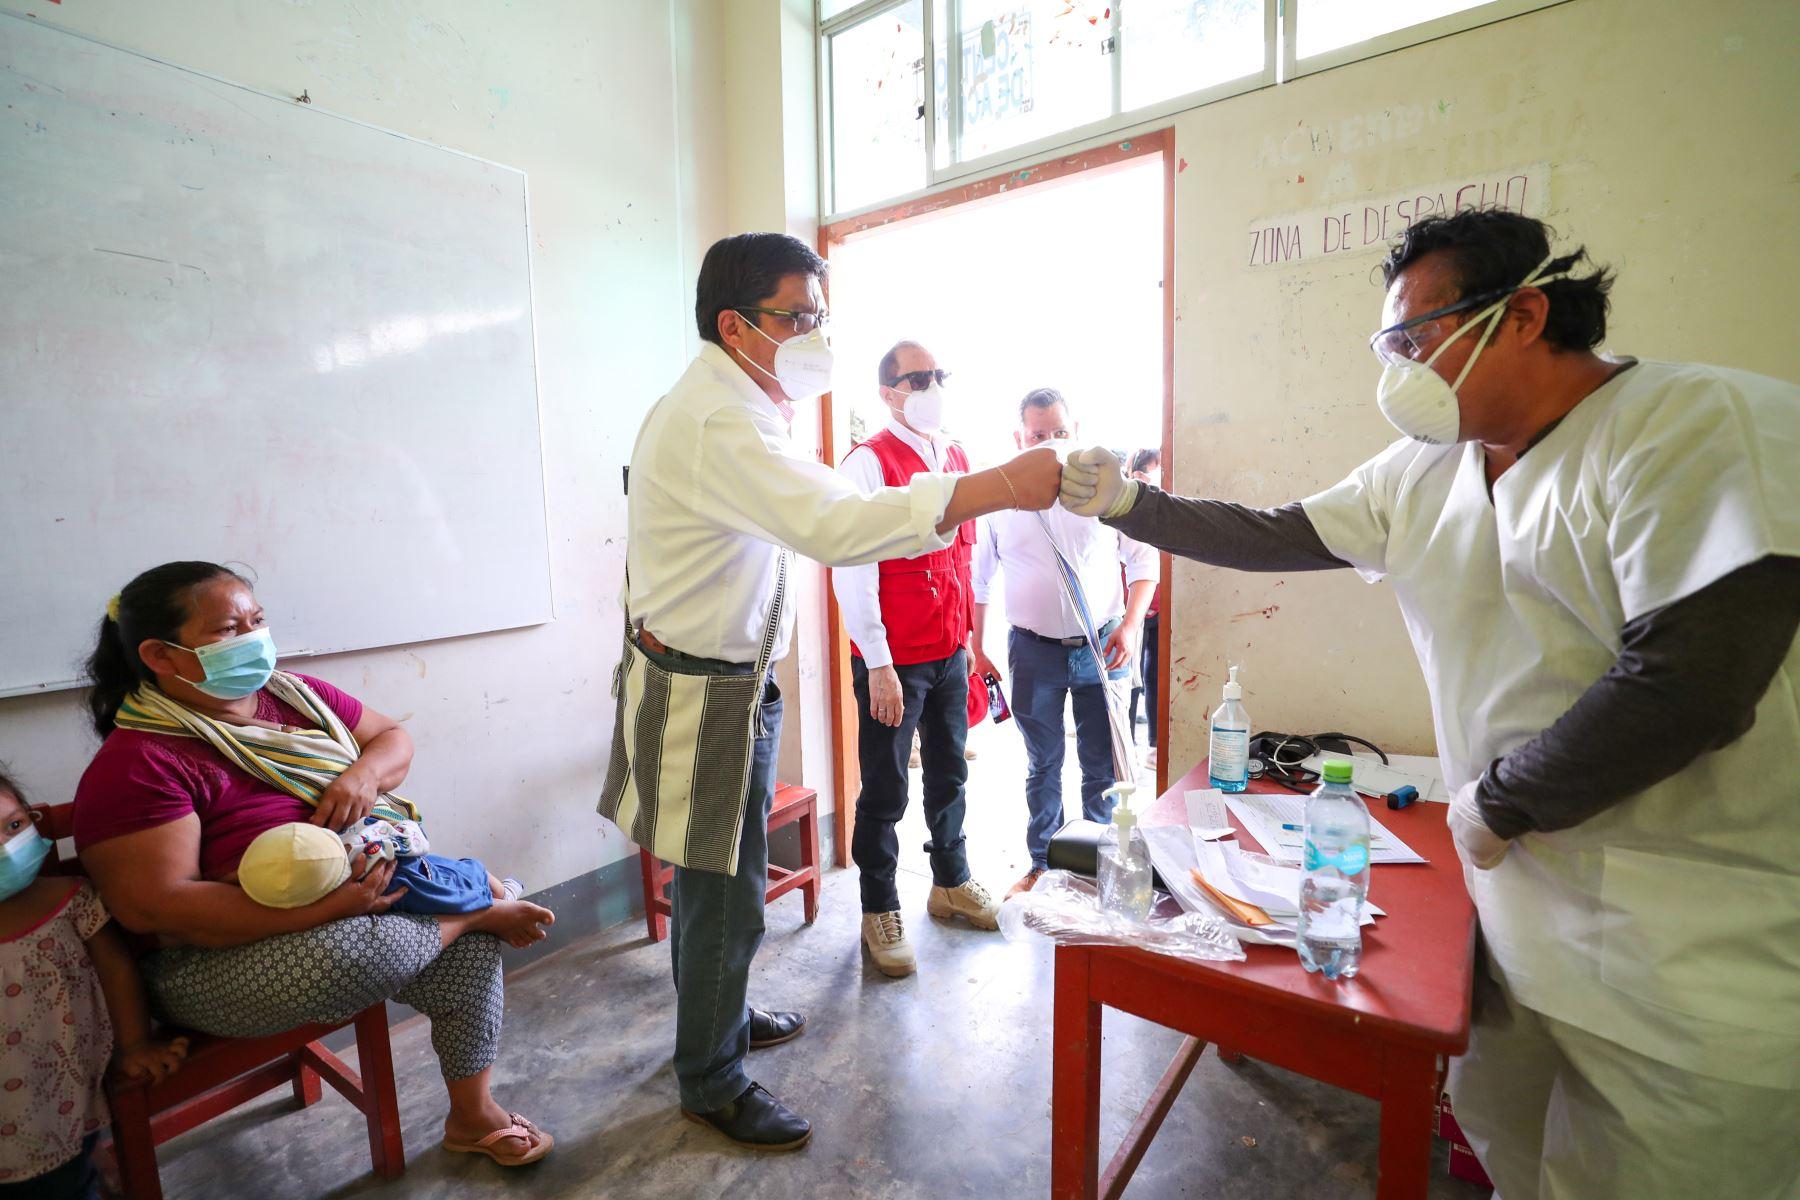 El titular de la PCM, Vicente Zeballos, hizo entrega de dos concentradores de oxígeno al Centro de Salud de Poyeni, así como alimentos al jefe de la Comunidad, Antonio Ricardo Simón. Son más de 1500 ciudadanos de Poyeni beneficiados con esta jornada cívica.  Foto:ANDINA/PCM